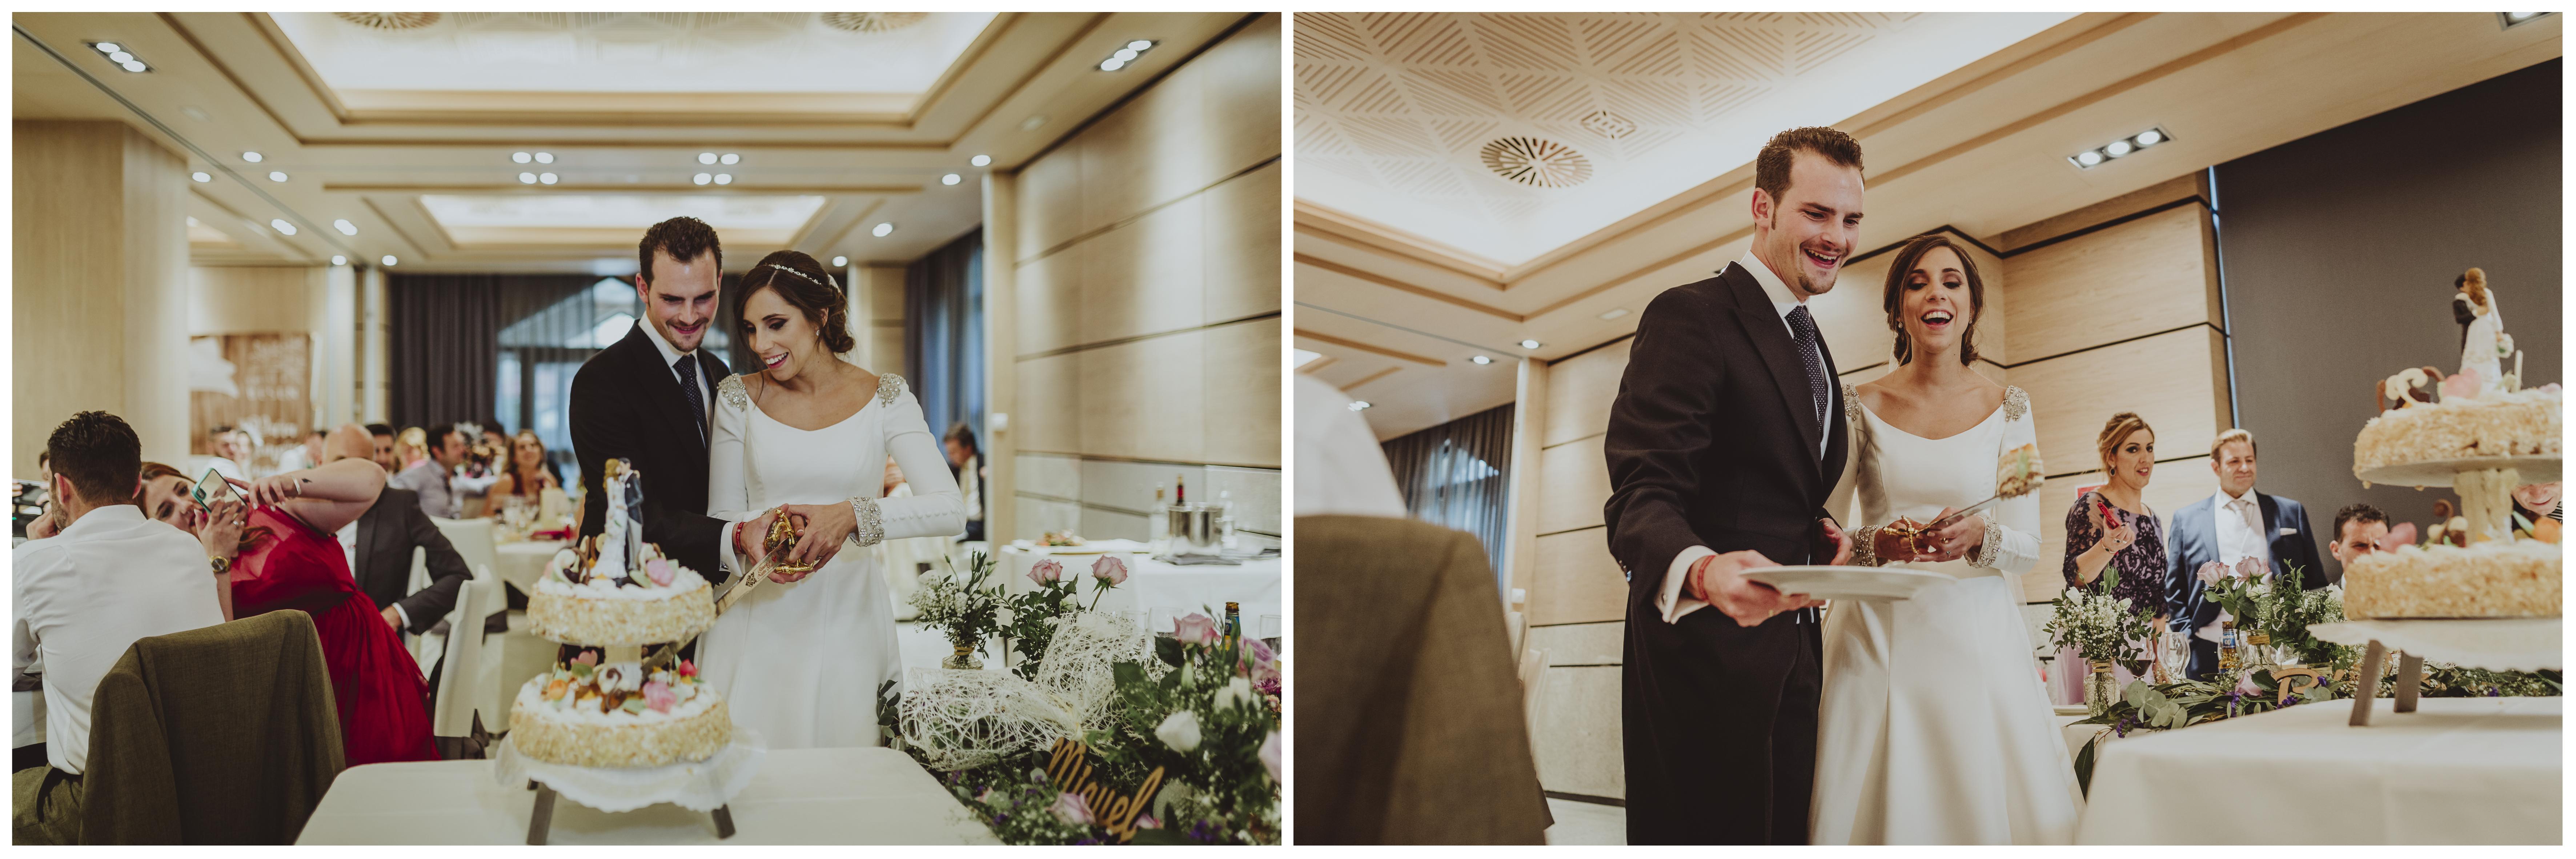 garate-fotografia-de-boda-en-Granada (63)